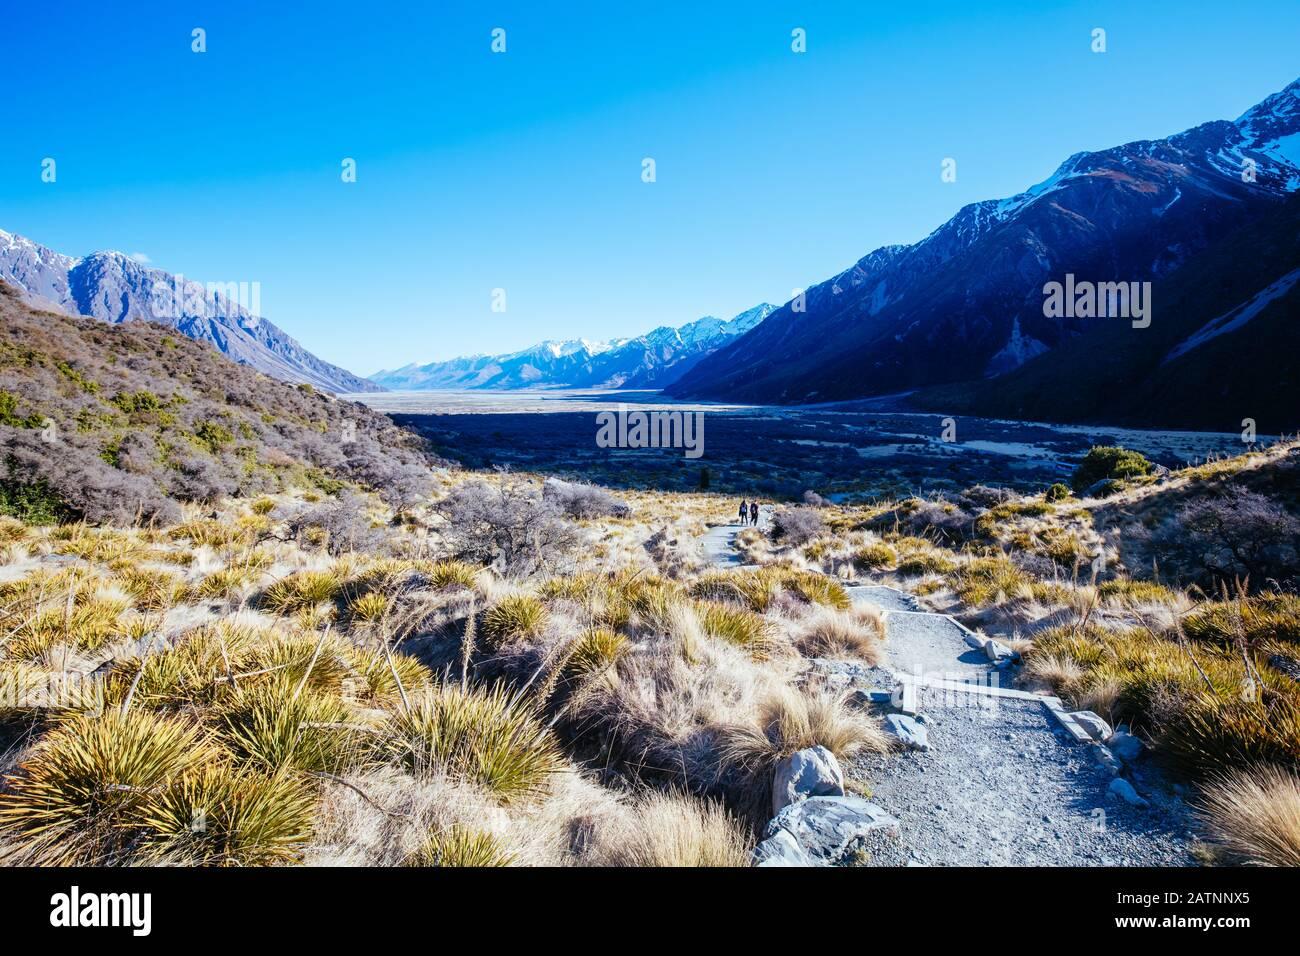 Tasman-Gletscher in der Nähe des Mt Cook in Neuseeland Stockfoto